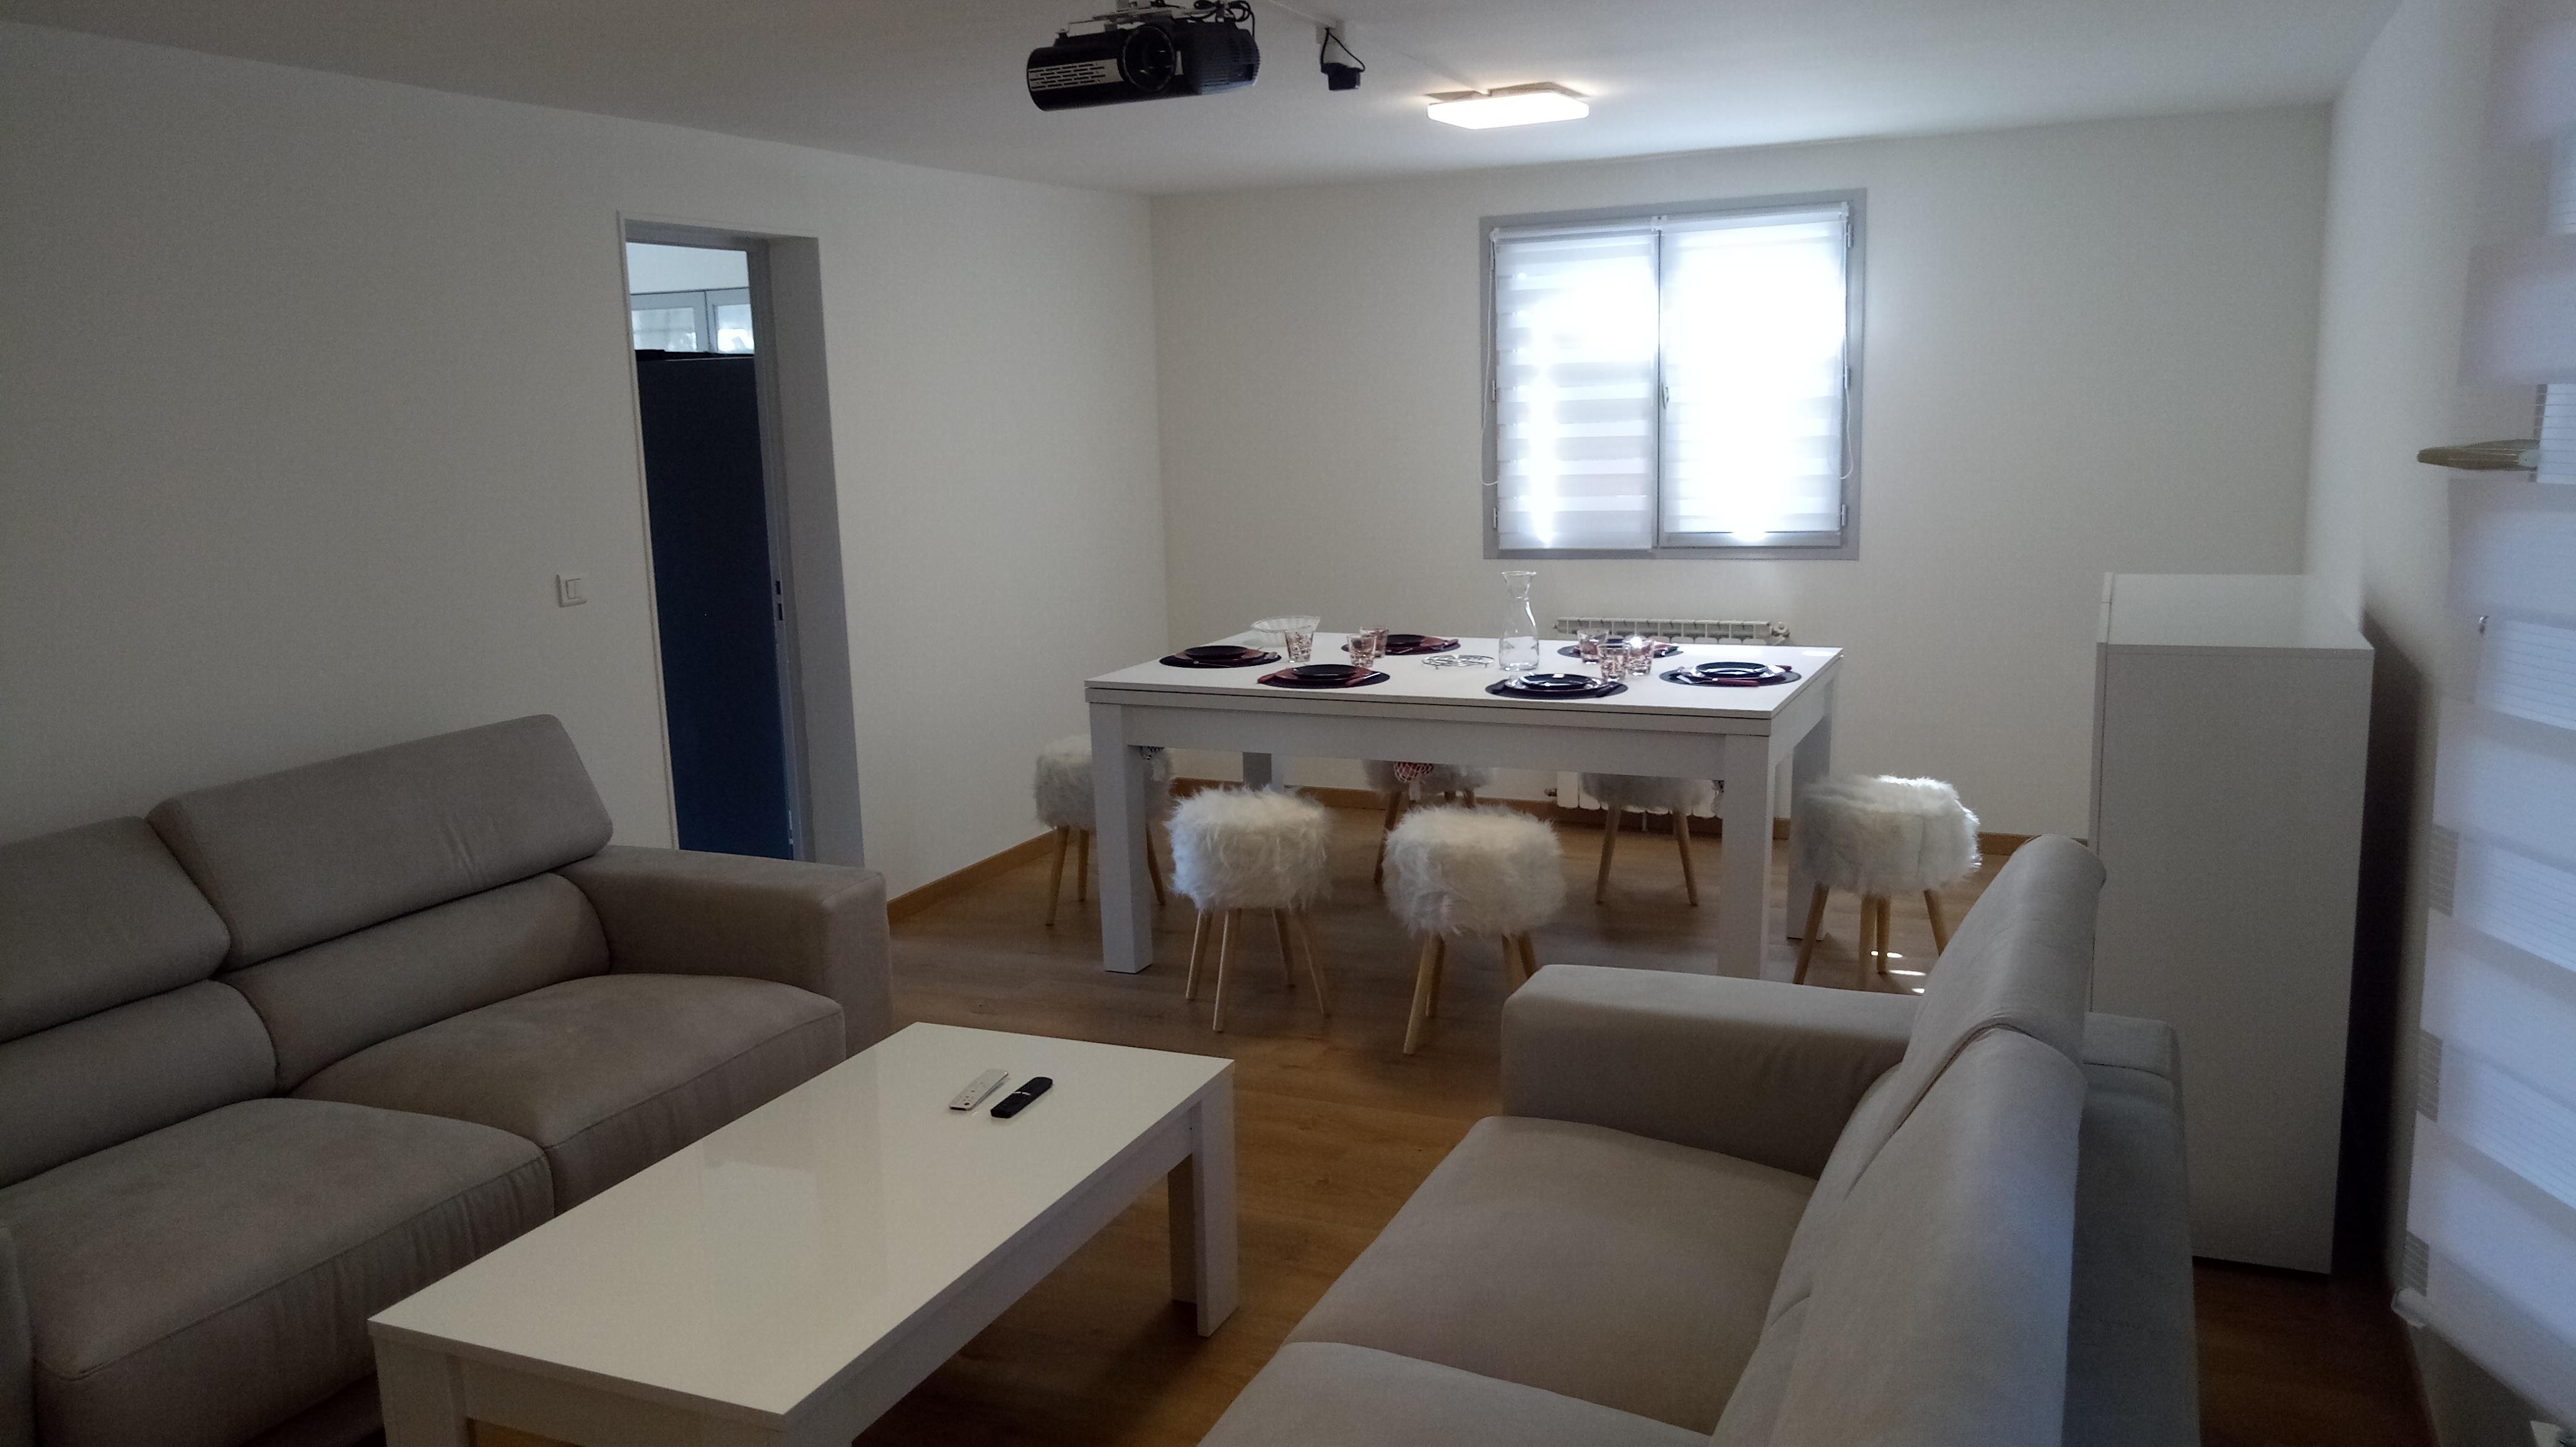 Chambre-Colocation   & Location Chambre à louer   | Loue chambre meublée   | Logement